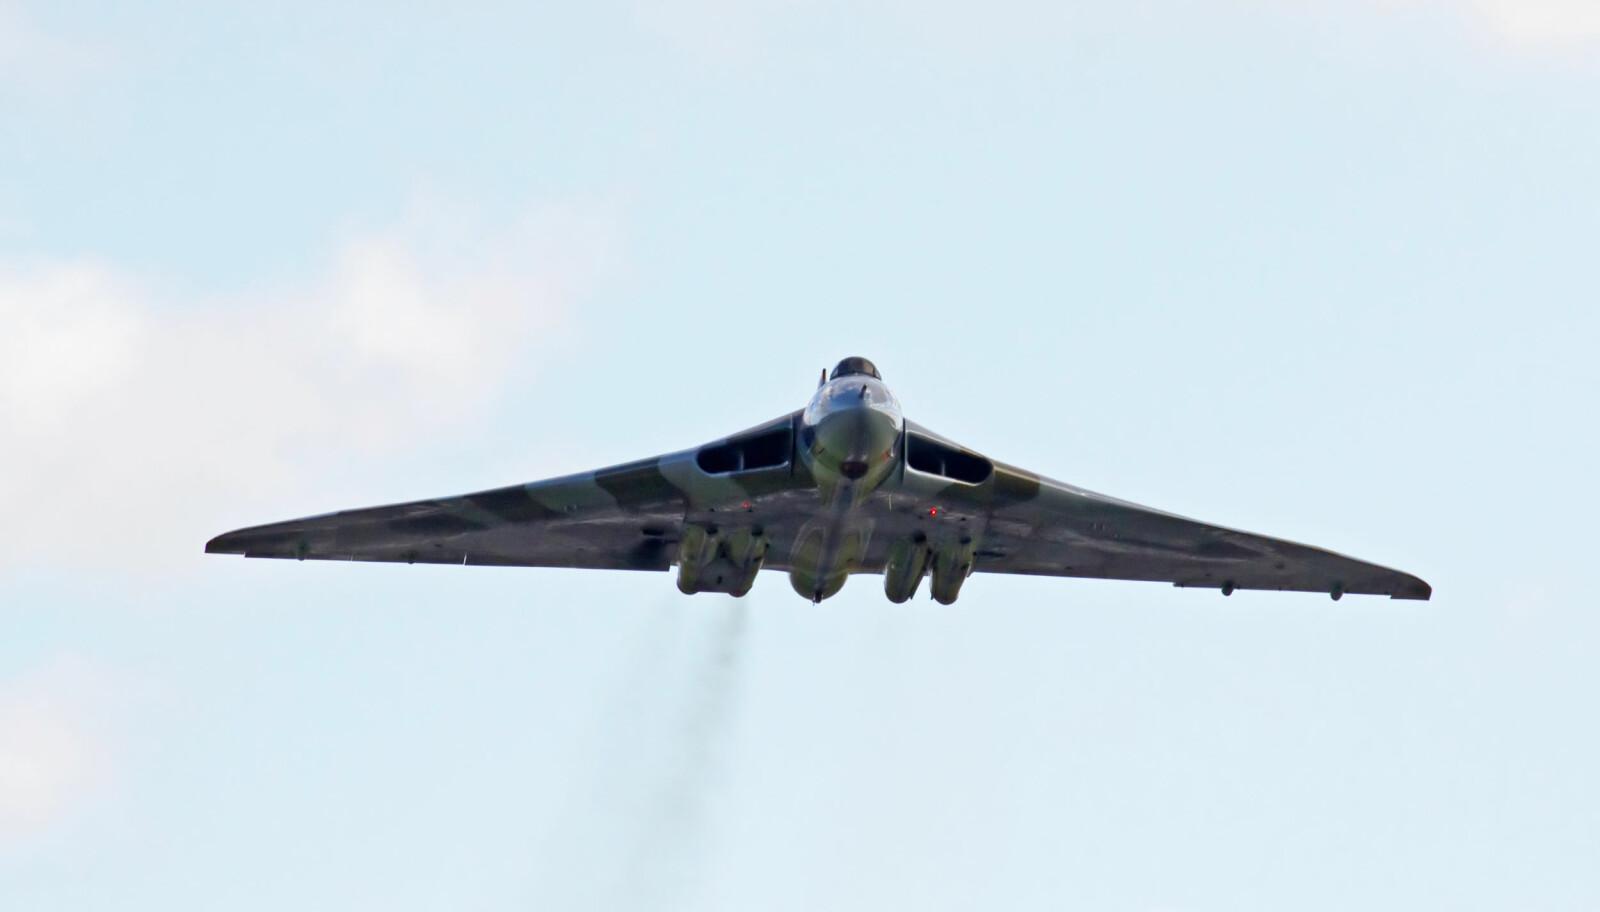 <b>DELTAVINGE:</b> Det ble pensjonert i mars 1984 - for 35 år siden, men Avro Vulcan gjorde en sjelden gjesteopptreden i 2014.